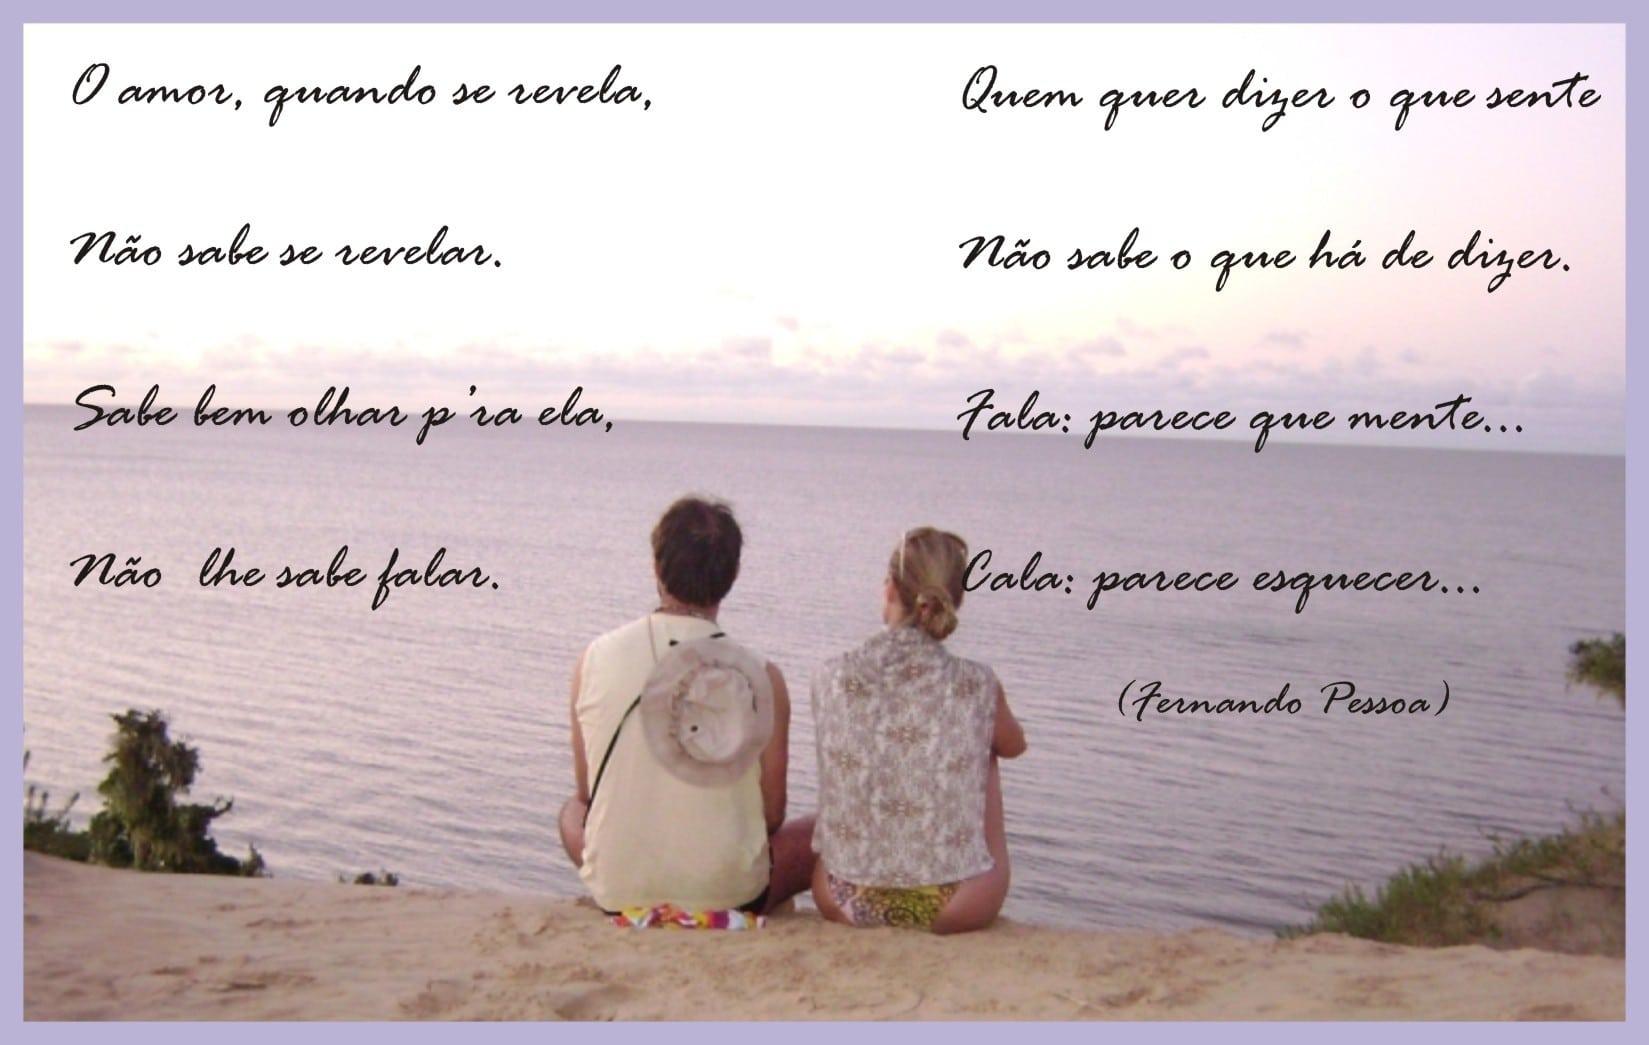 Frases Te Amarei De Janeiro A Janeiro Imagens De Amo 16: Poesia